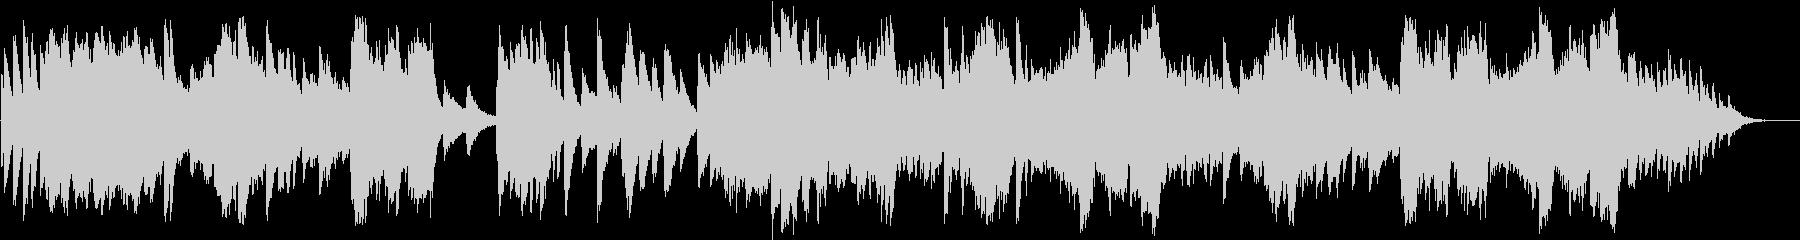 世界 ピアノ フラメンコの未再生の波形